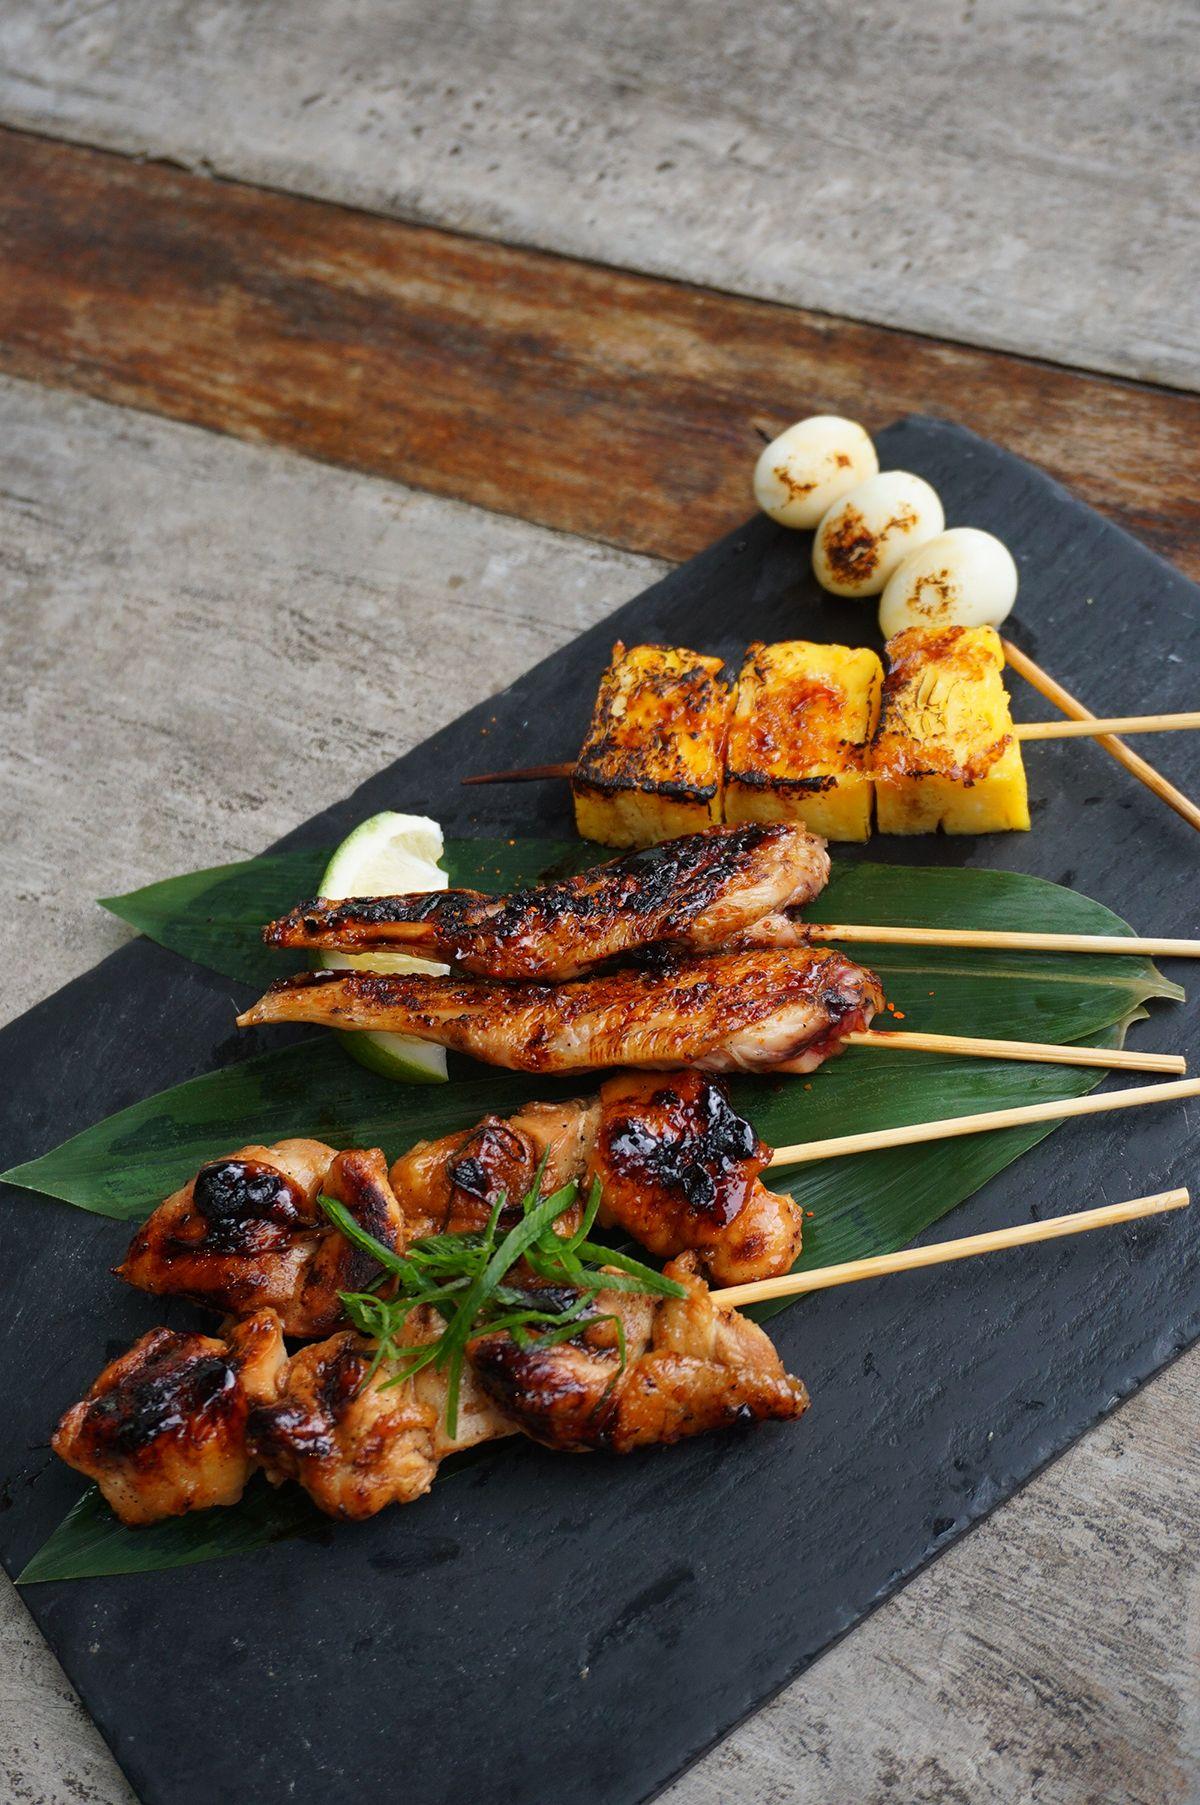 Dining Update: Nikkei Launches Juicy Free-Range Chicken Yakitori Dishes